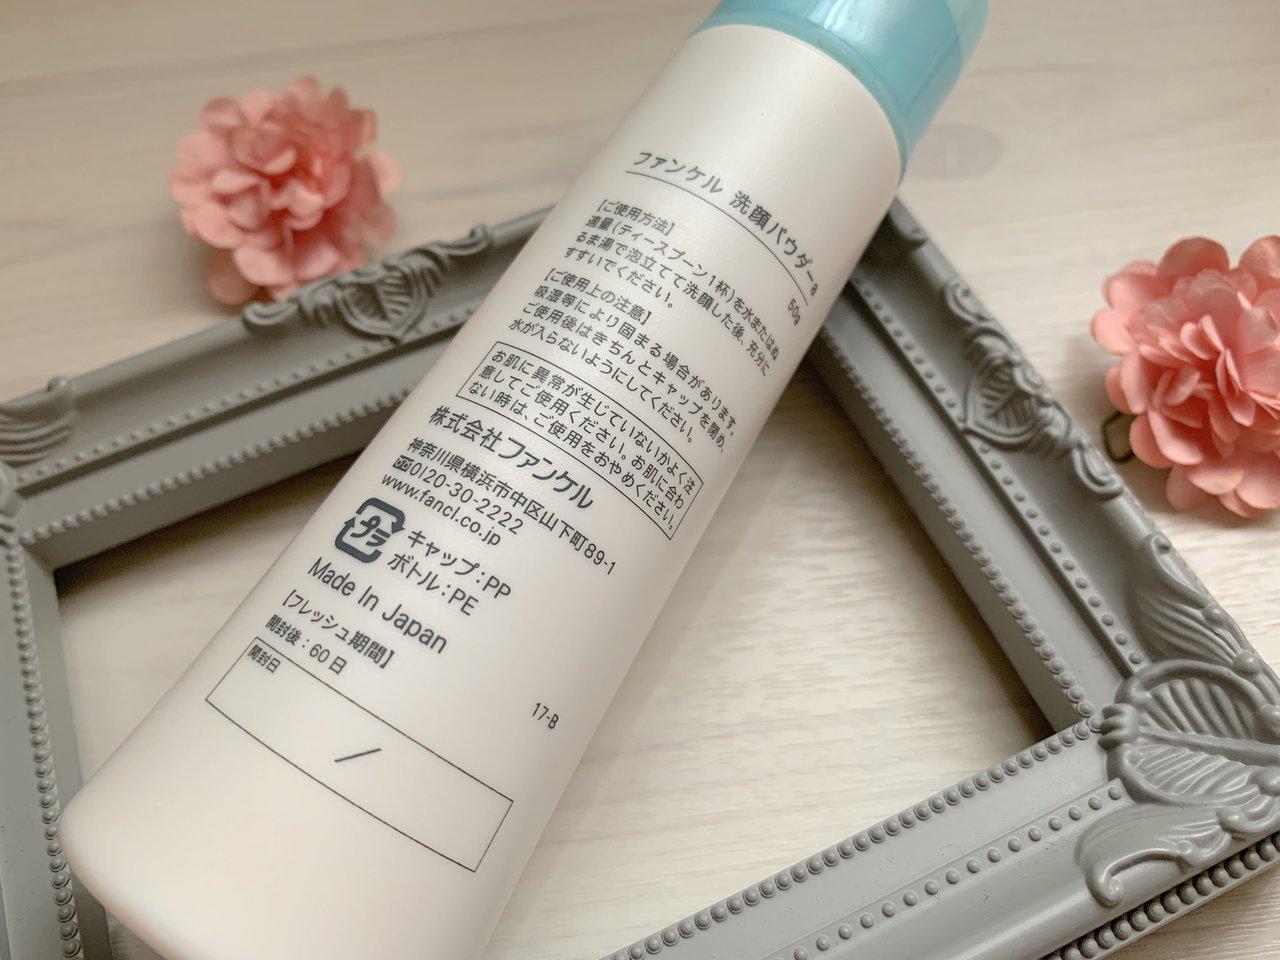 FANCL(ファンケル)  洗顔パウダー 使用感